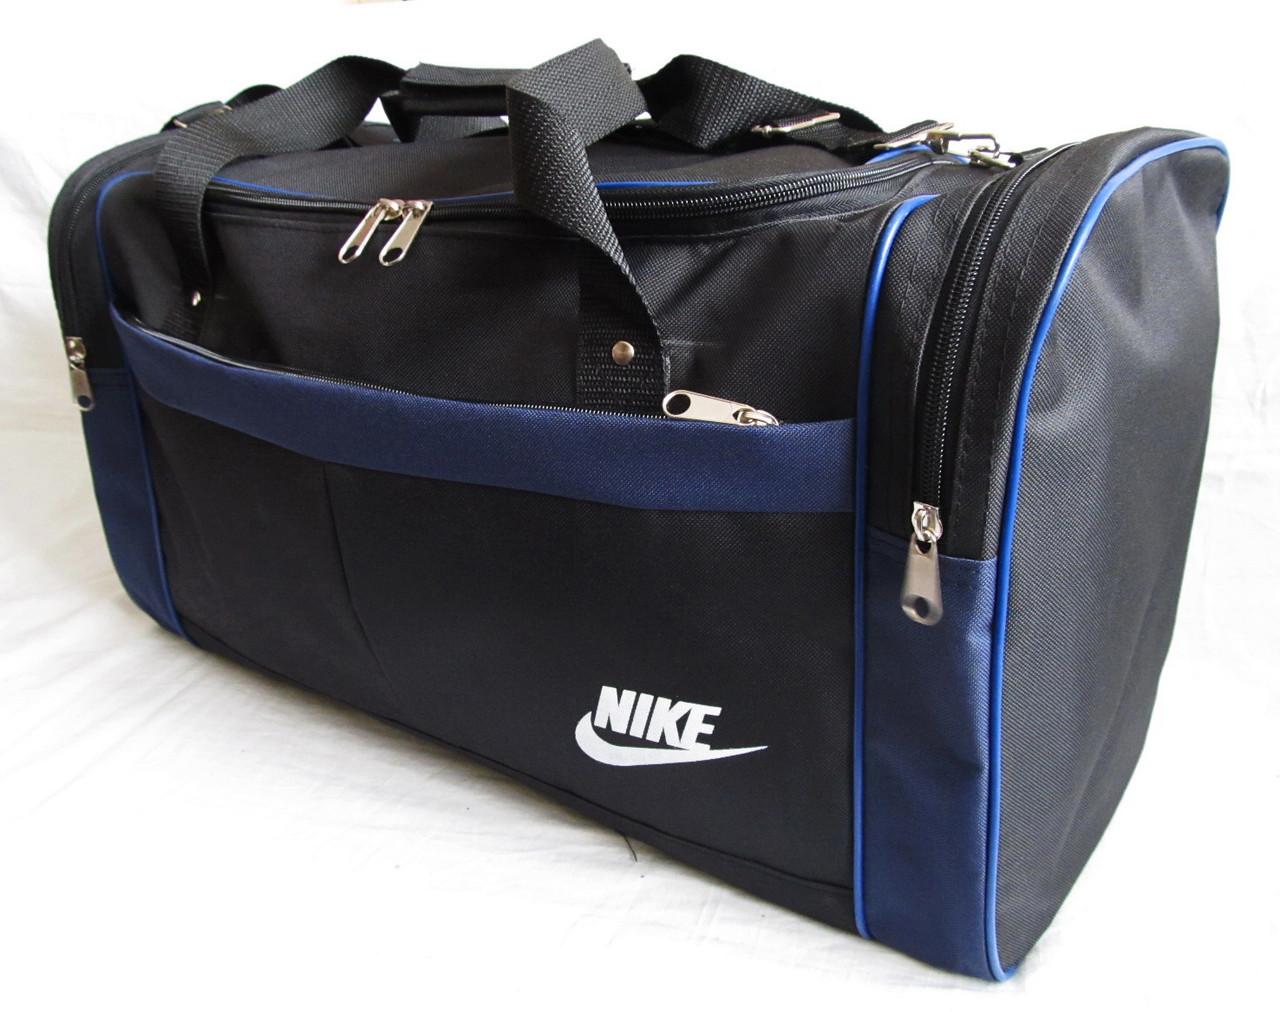 ded902e84fce Дорожная сумка через плечо спортивная Найк кубик черная с синим 57см 48л